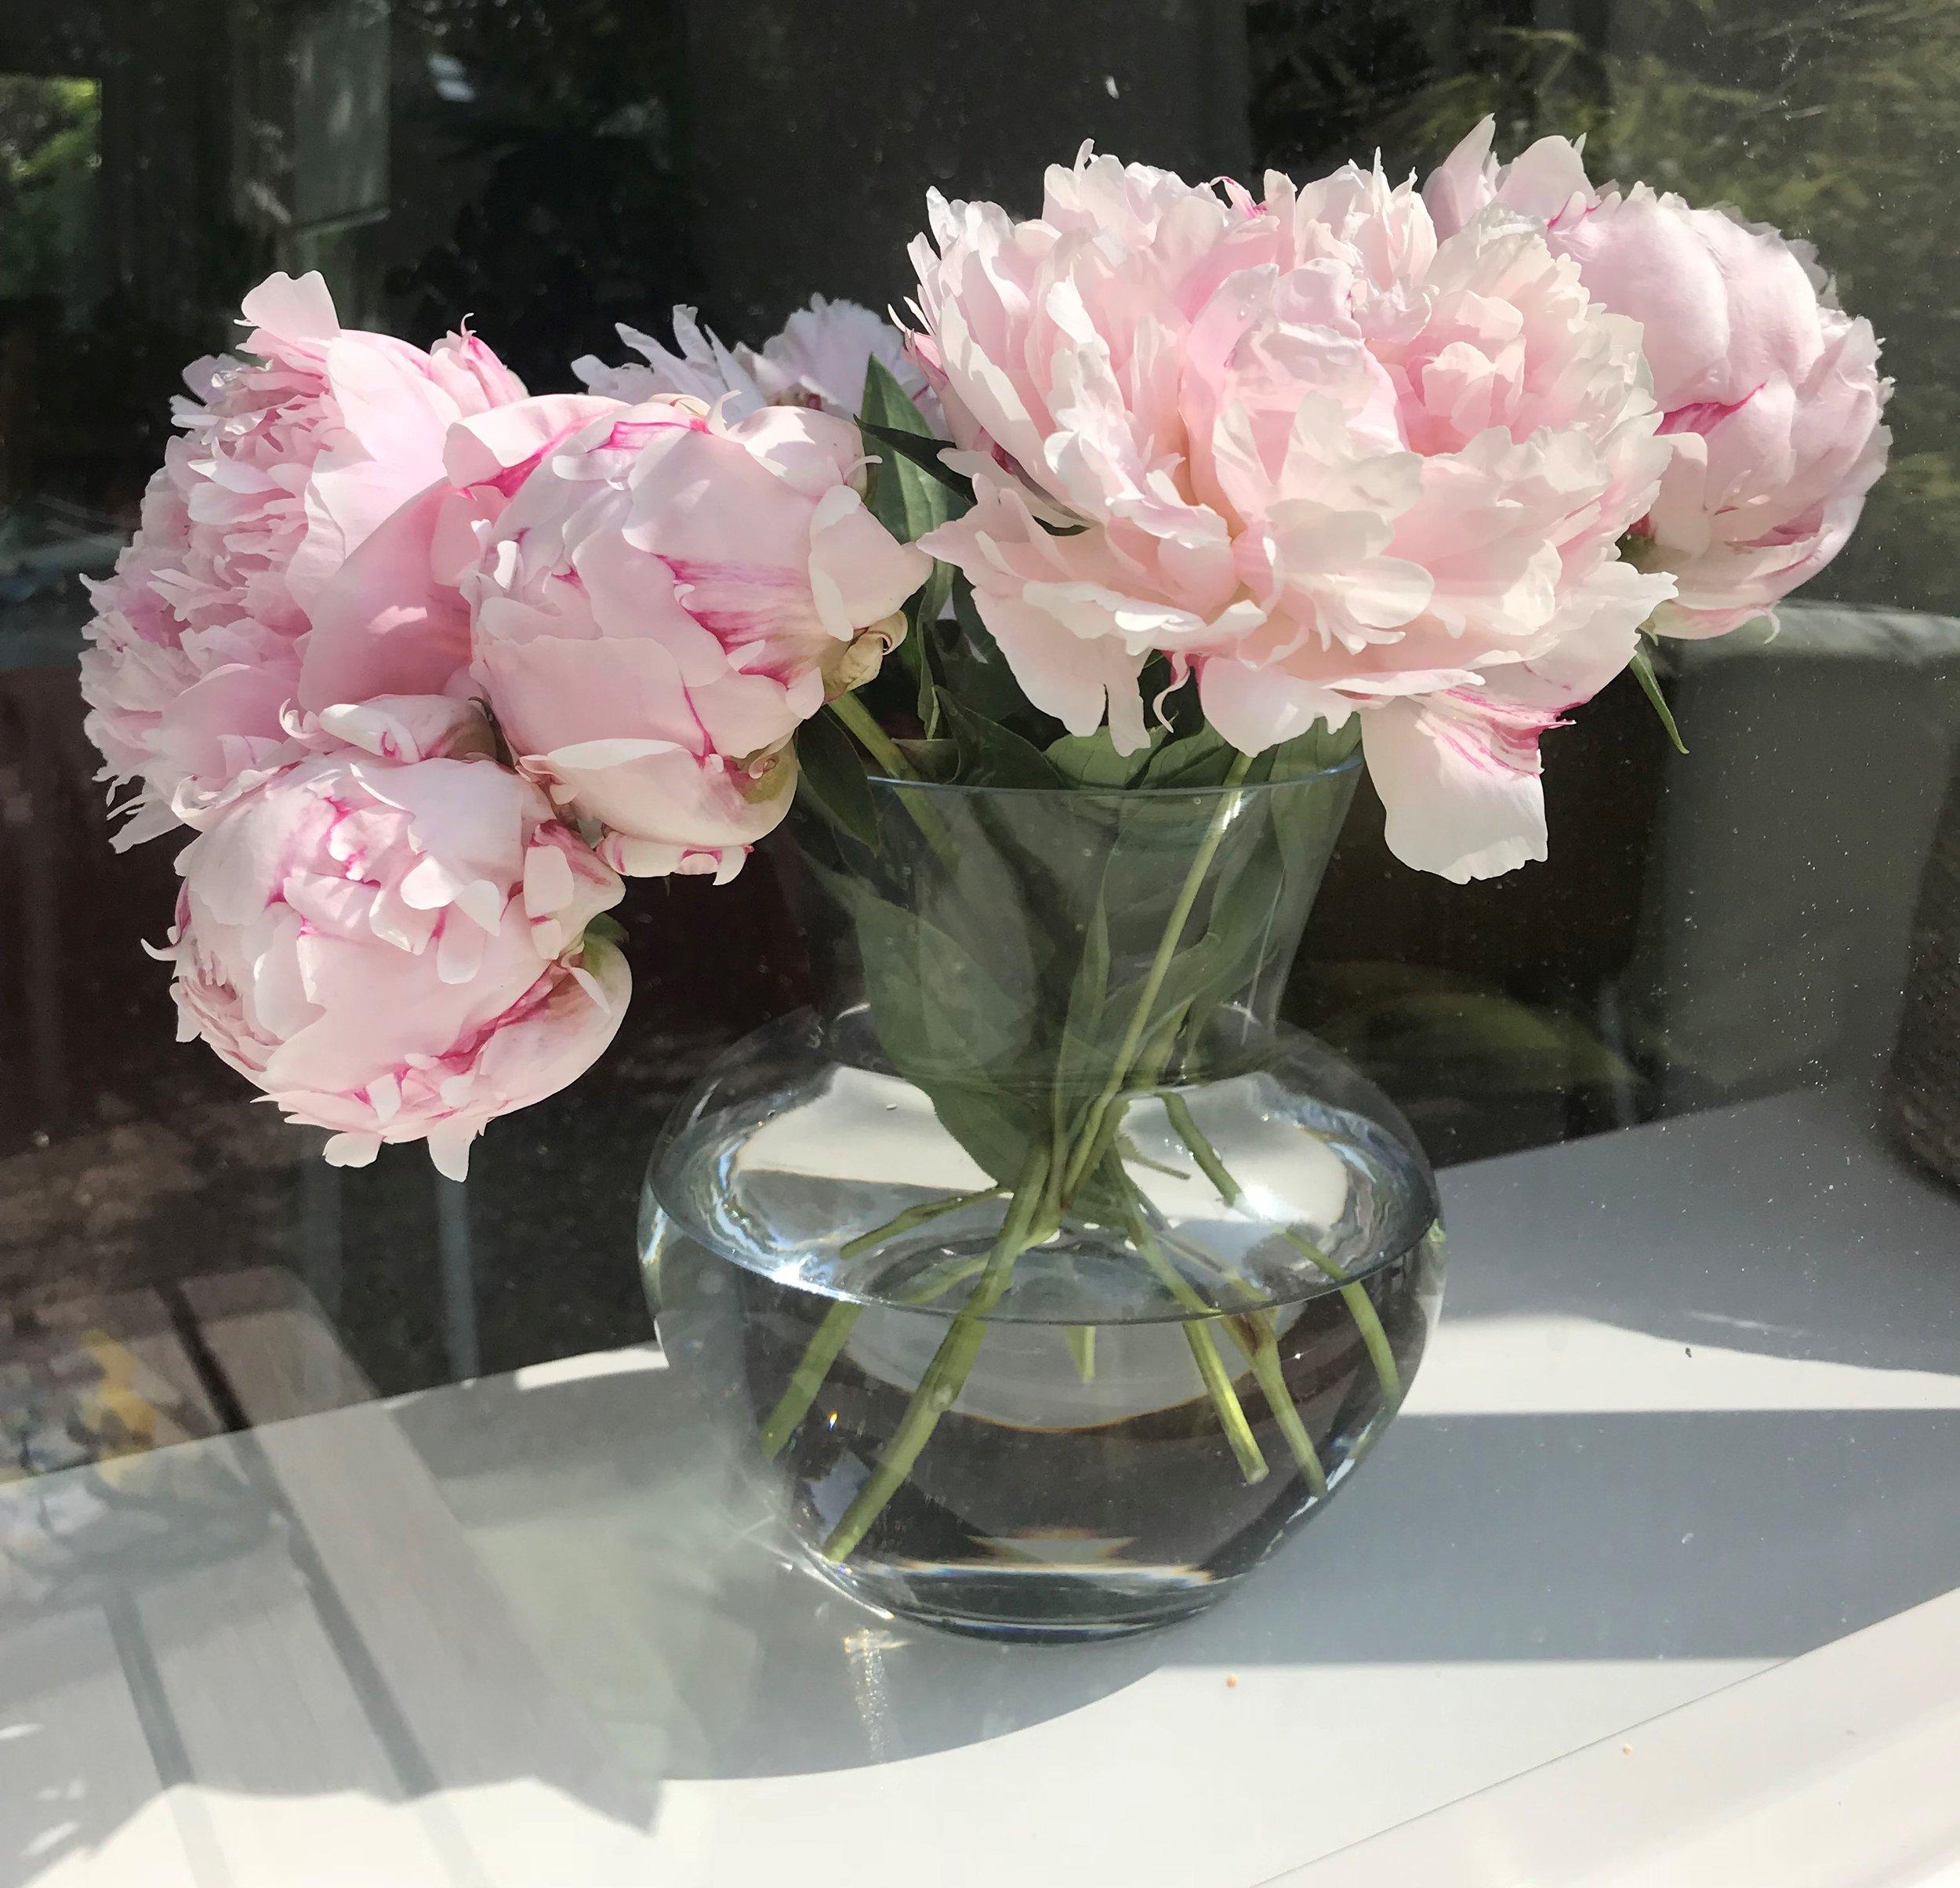 #5 Zet ze thuis gewoon in een vaas - Er lijkt een schroom te zitten op het mee naar huis nemen van rouwbloemen, alsof dat een ongepaste zelfverrijking is. Absurd! In plaats van achterlaten bij het crematorium, kun je de bloemen veel beter mee naar huis nemen. Verdeel ze onder elkaar en geef ze een mooi plekje in een vaas in je huis.